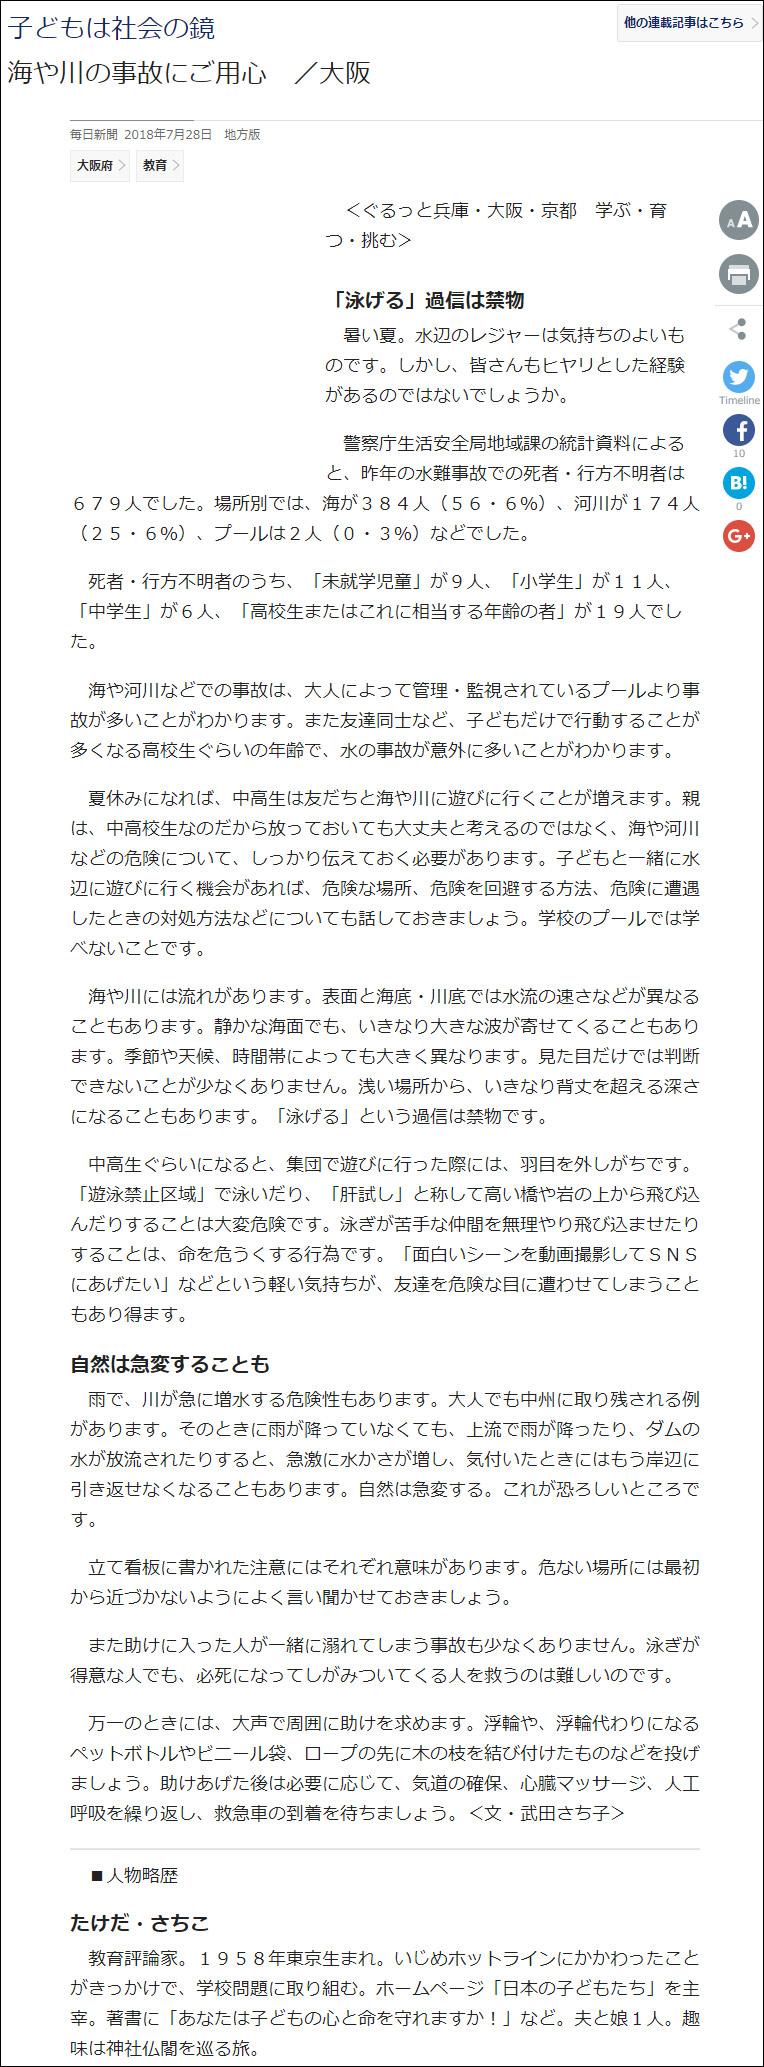 武田さち子:毎日新聞掲載、2018年7月28日「子どもは社会の鏡」